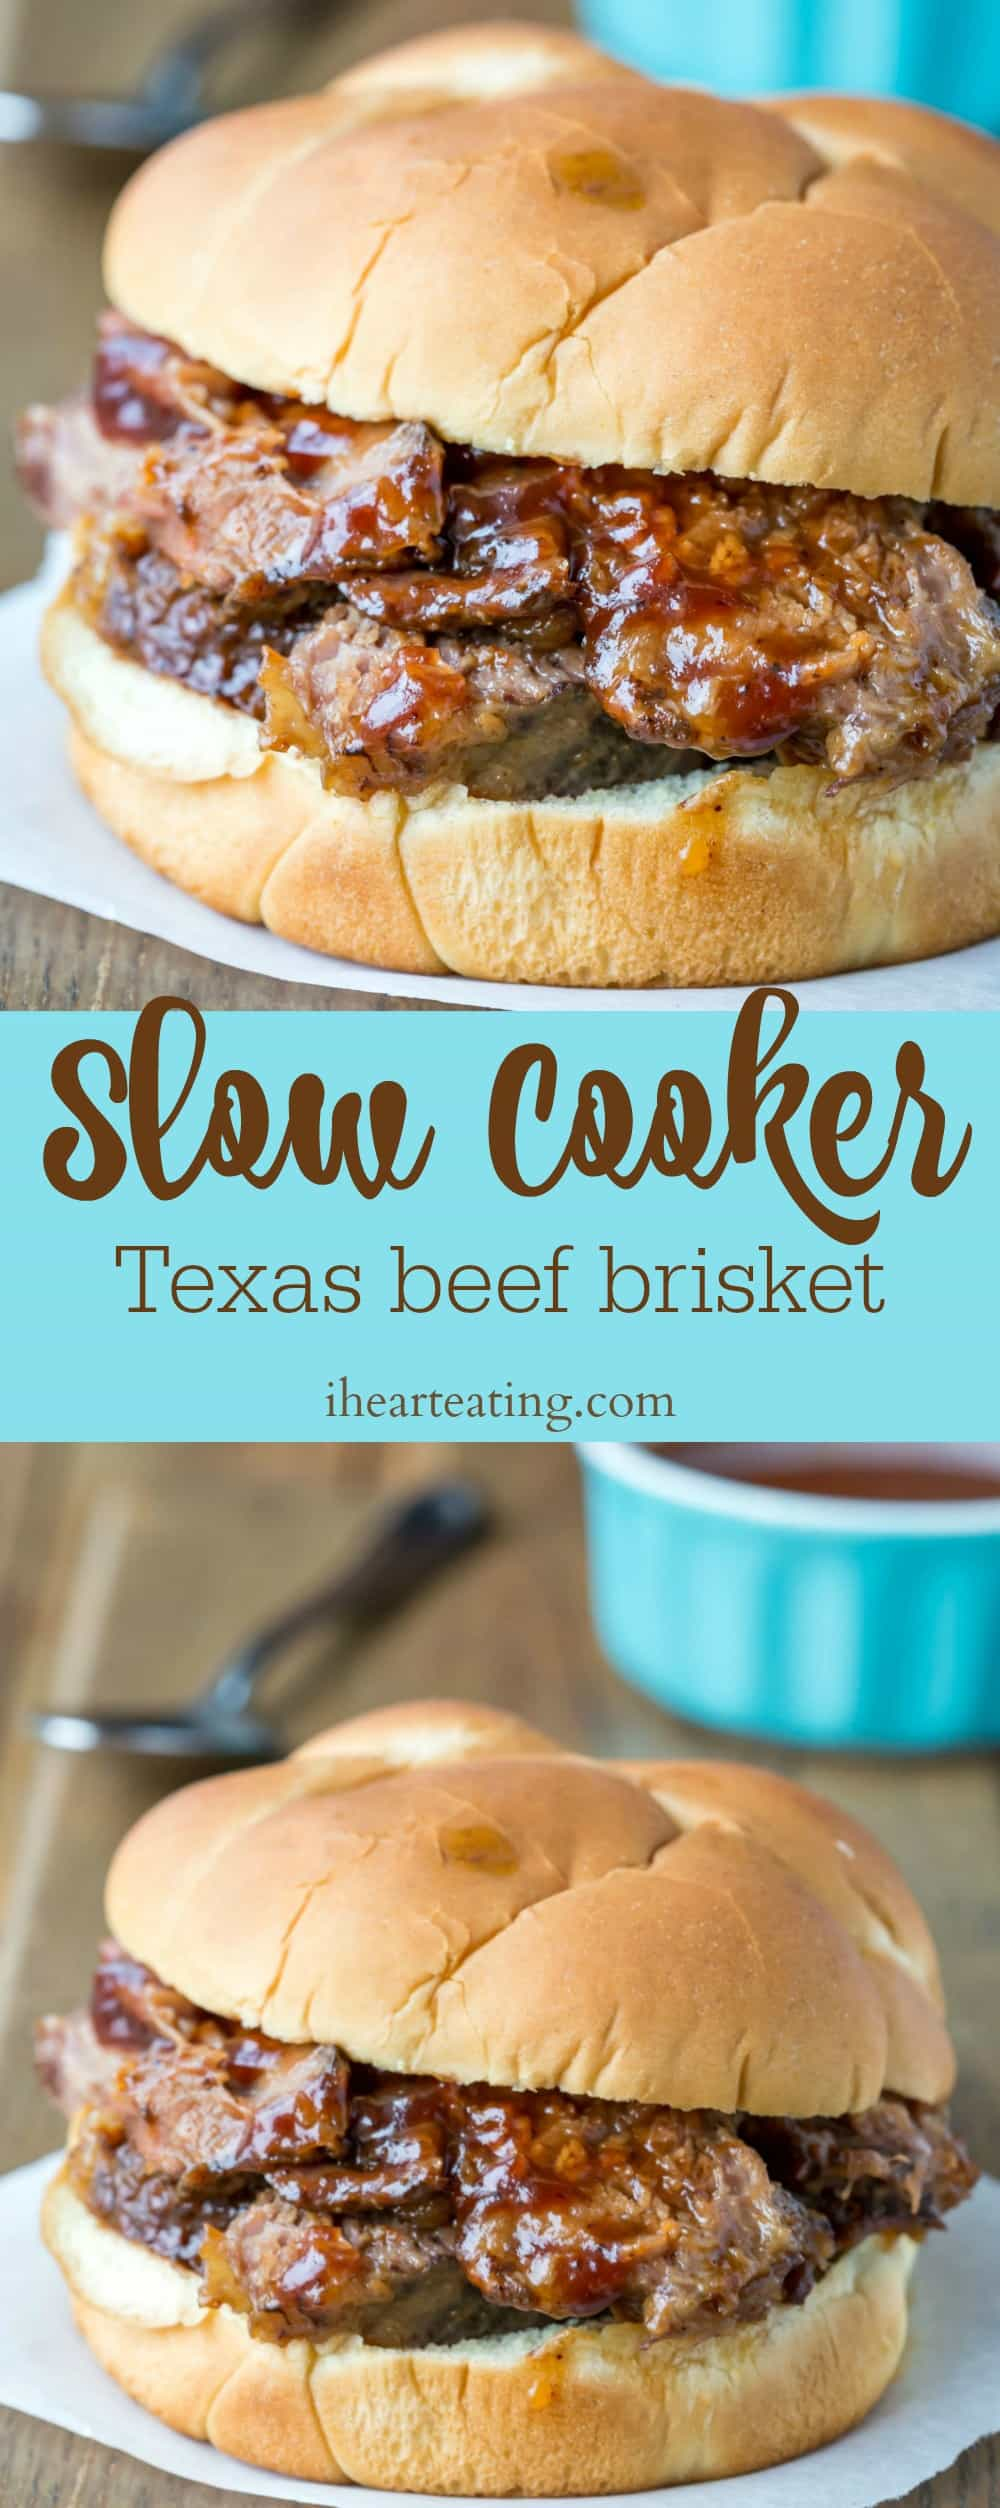 Slow Cooker Texas Beef Brisket